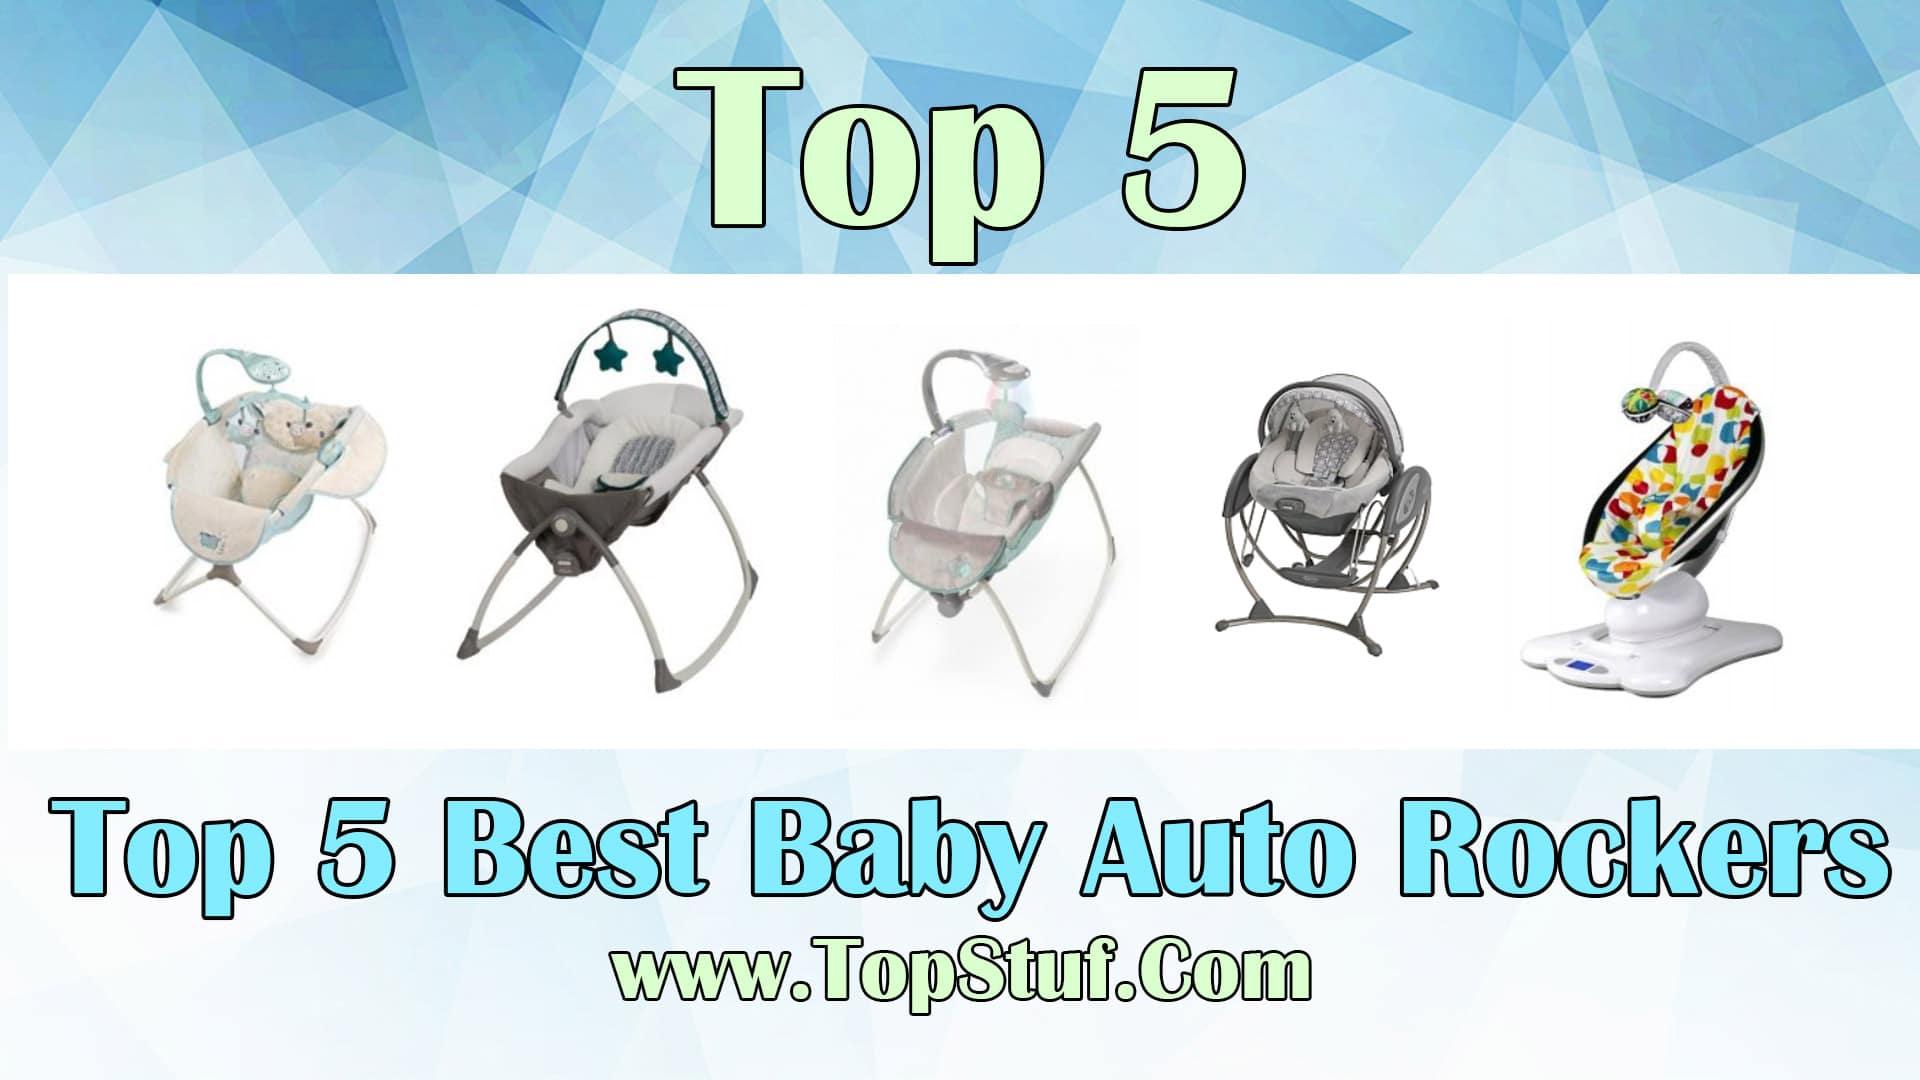 Baby Auto Rockers